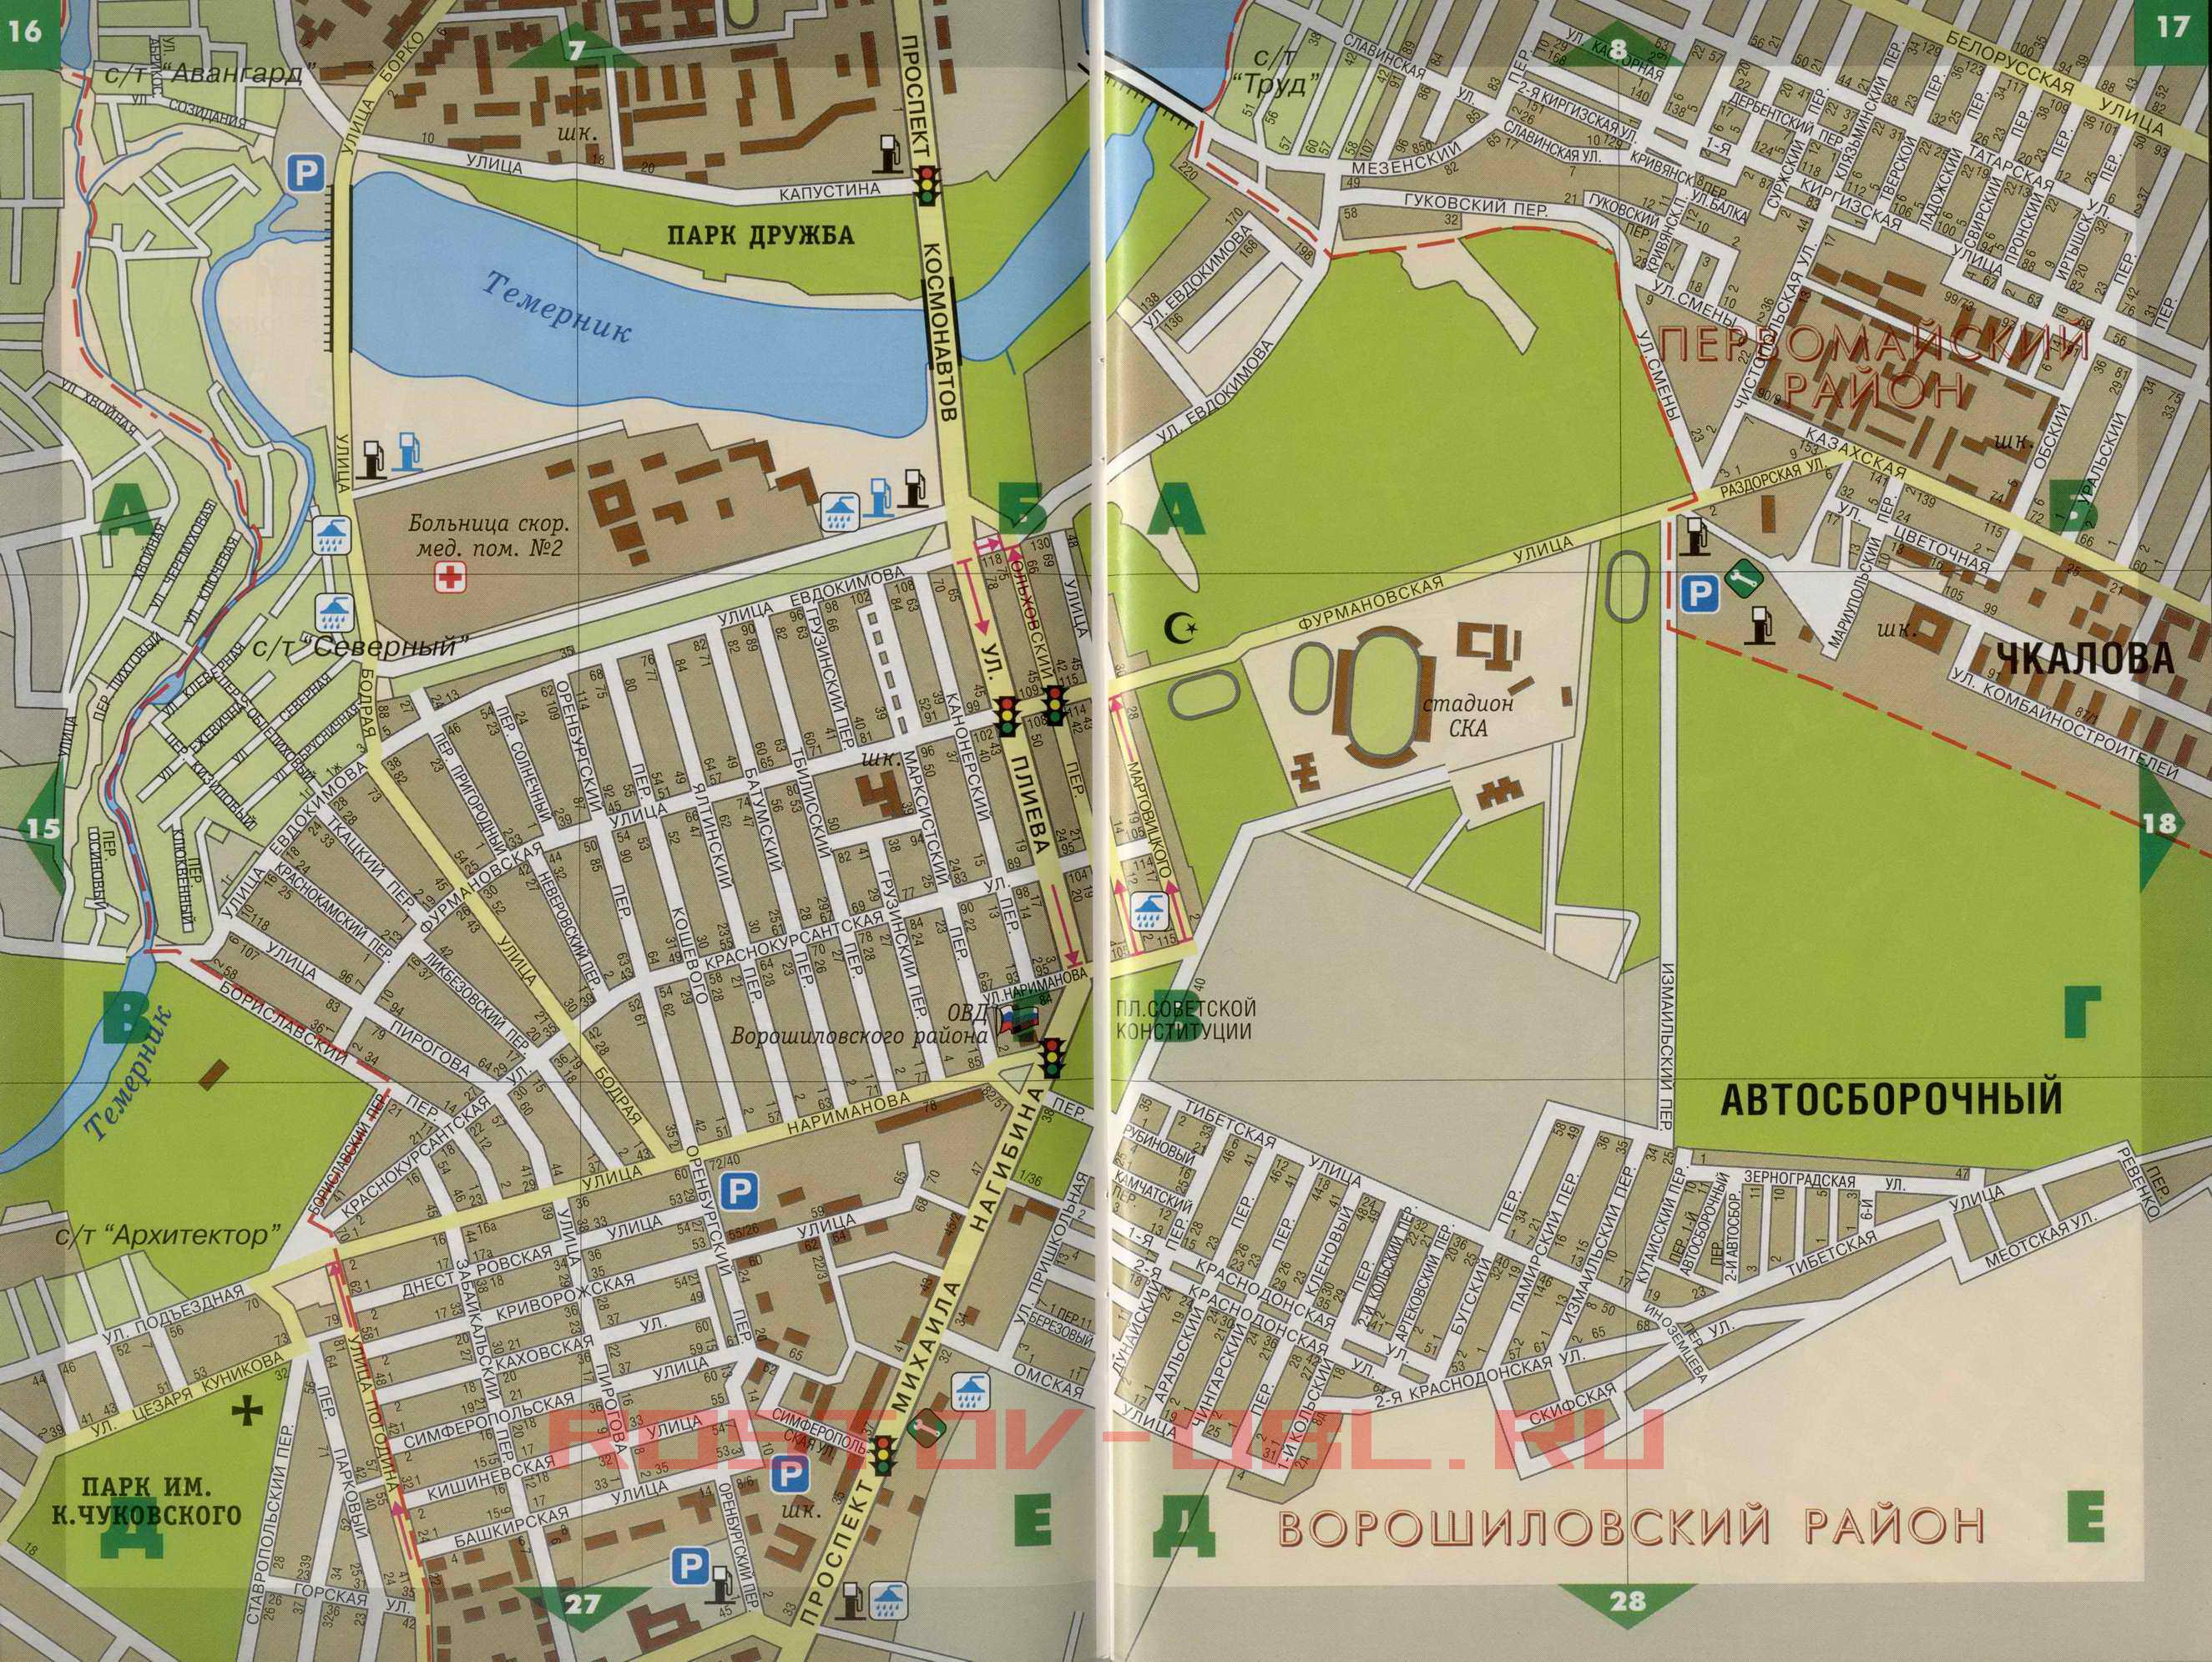 Карта Ростова-на-Дону Ворошиловский район.